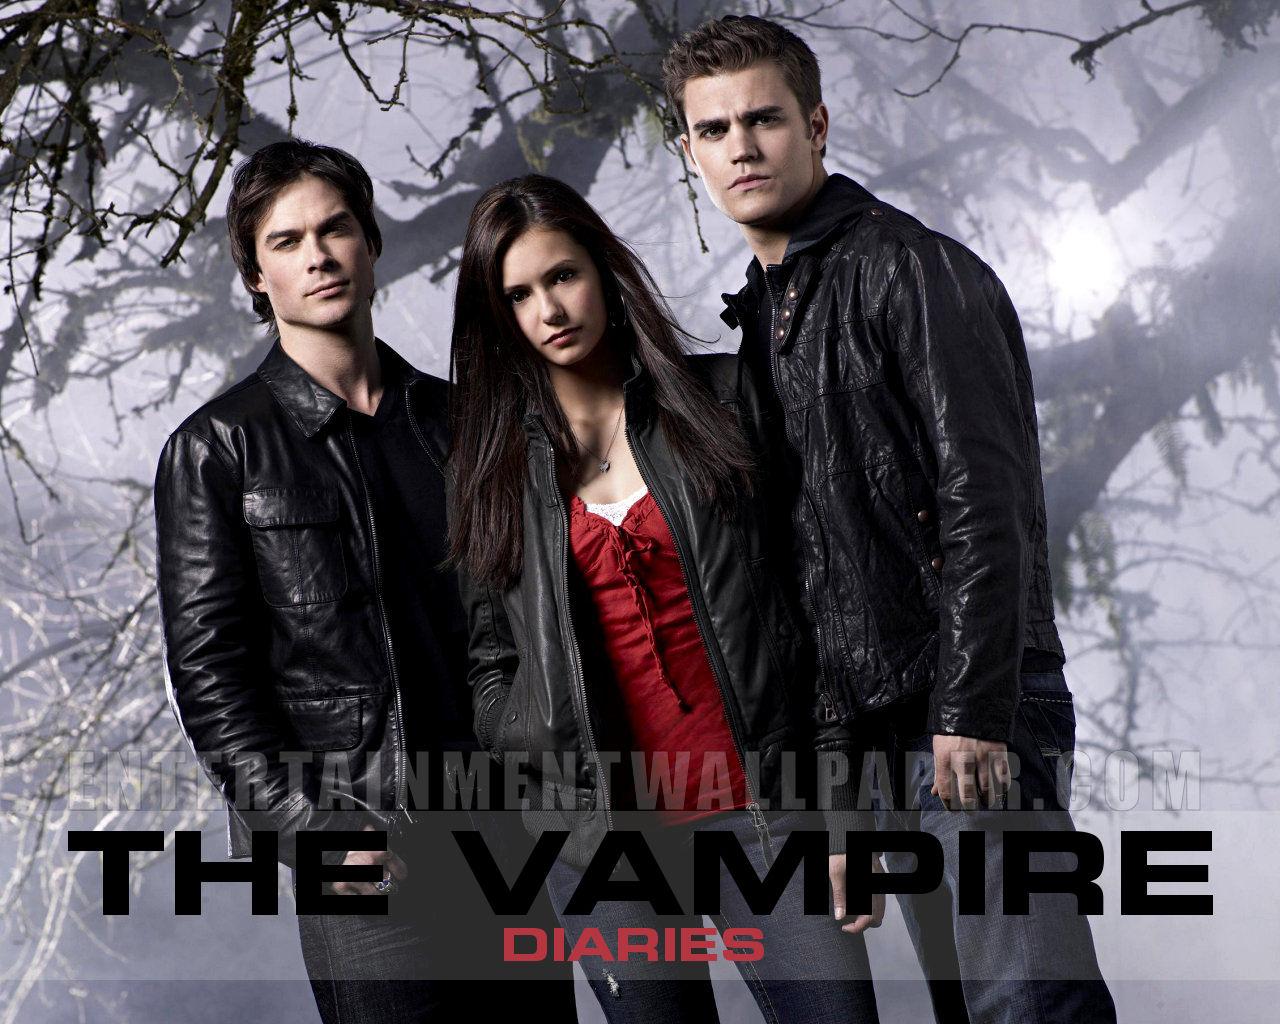 http://3.bp.blogspot.com/_oHgNpQWsDAE/S933og2hFHI/AAAAAAAAA7Y/7bA8t0Td7i4/s1600/tv_the_vampire_diaries01.jpg